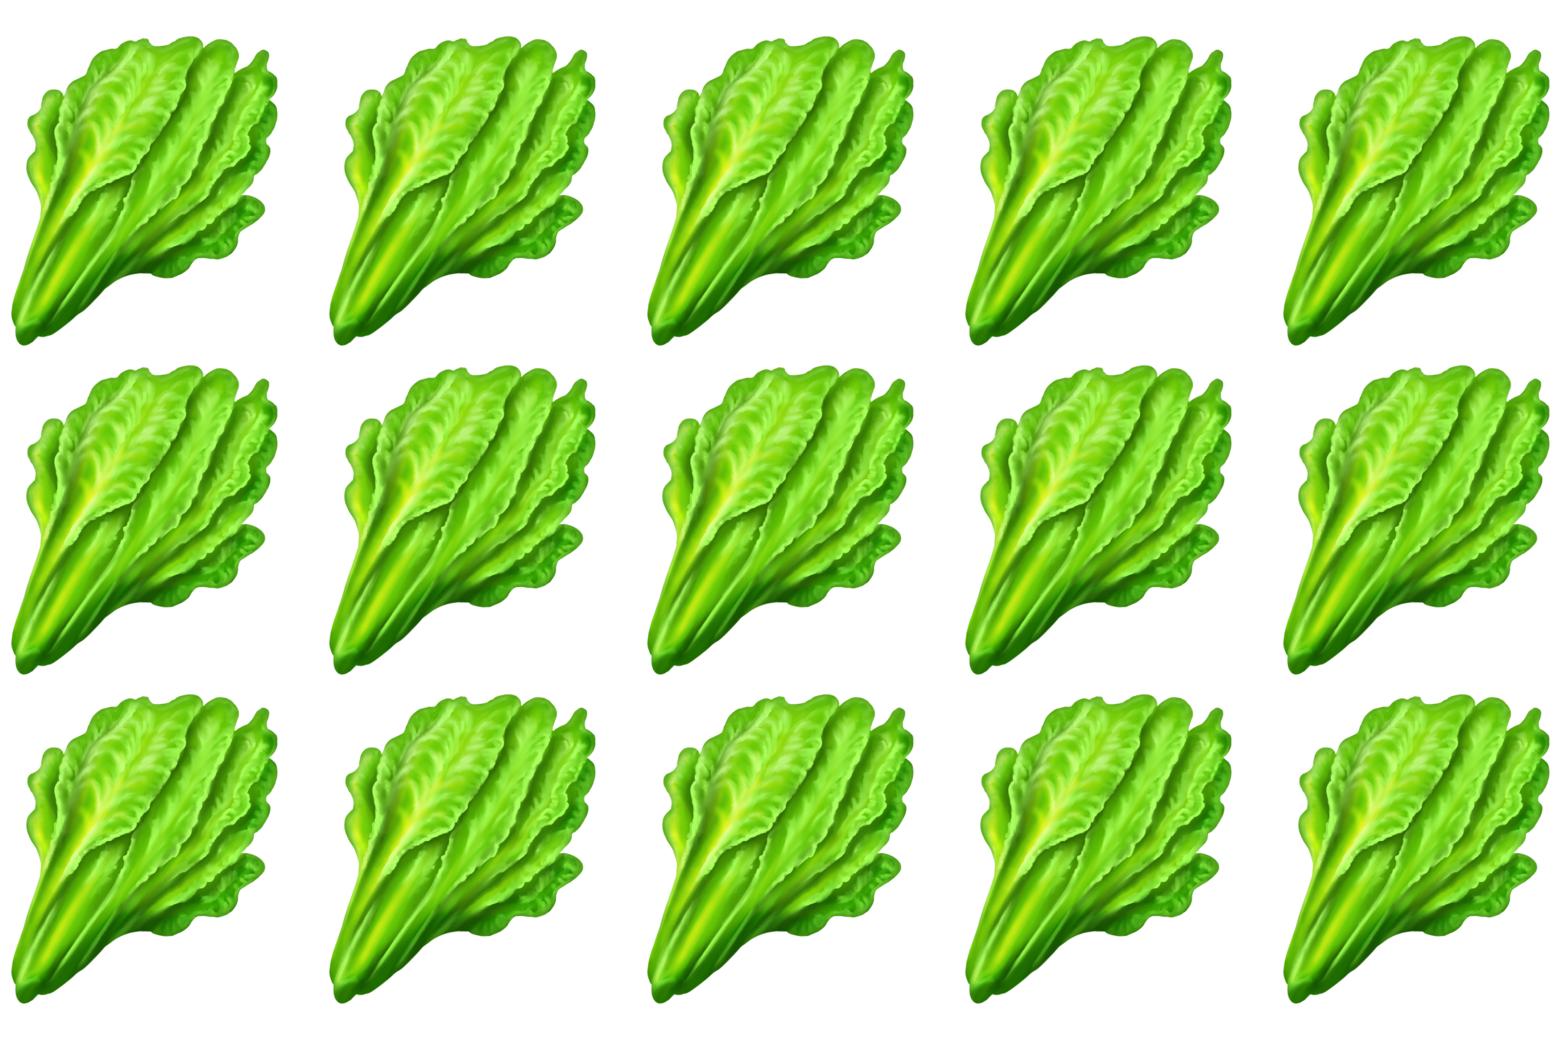 Leafy greens emojis.